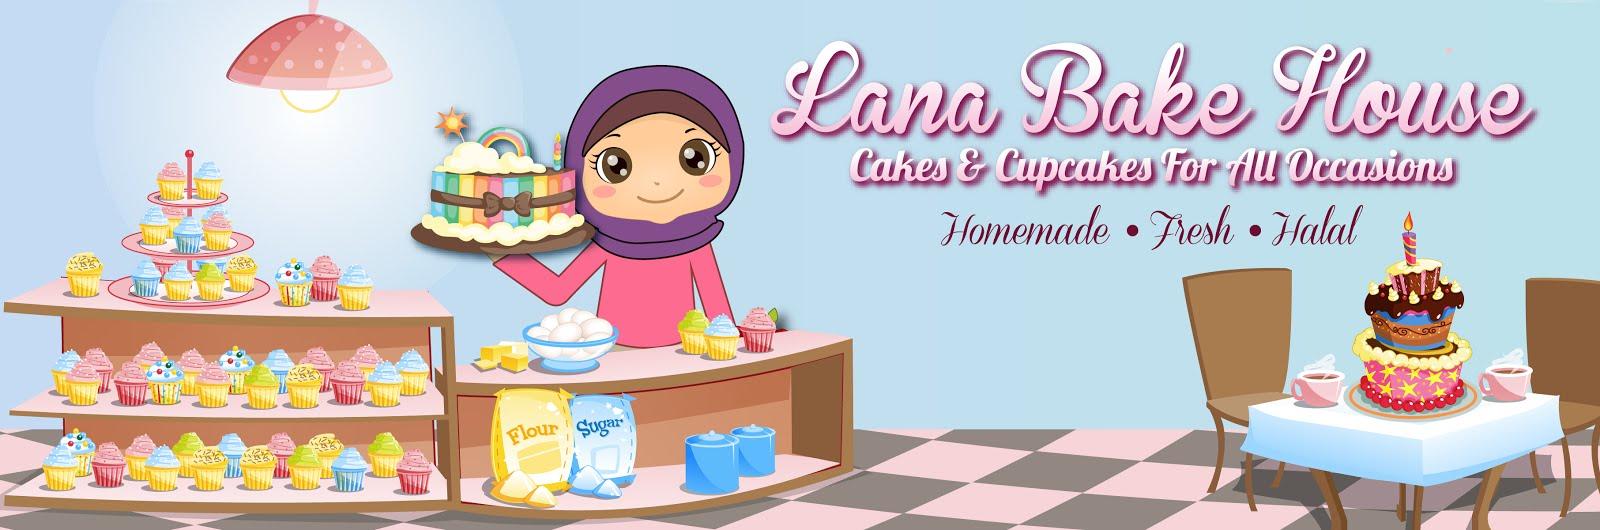 ~Lana Bake House~Penang~Halal~